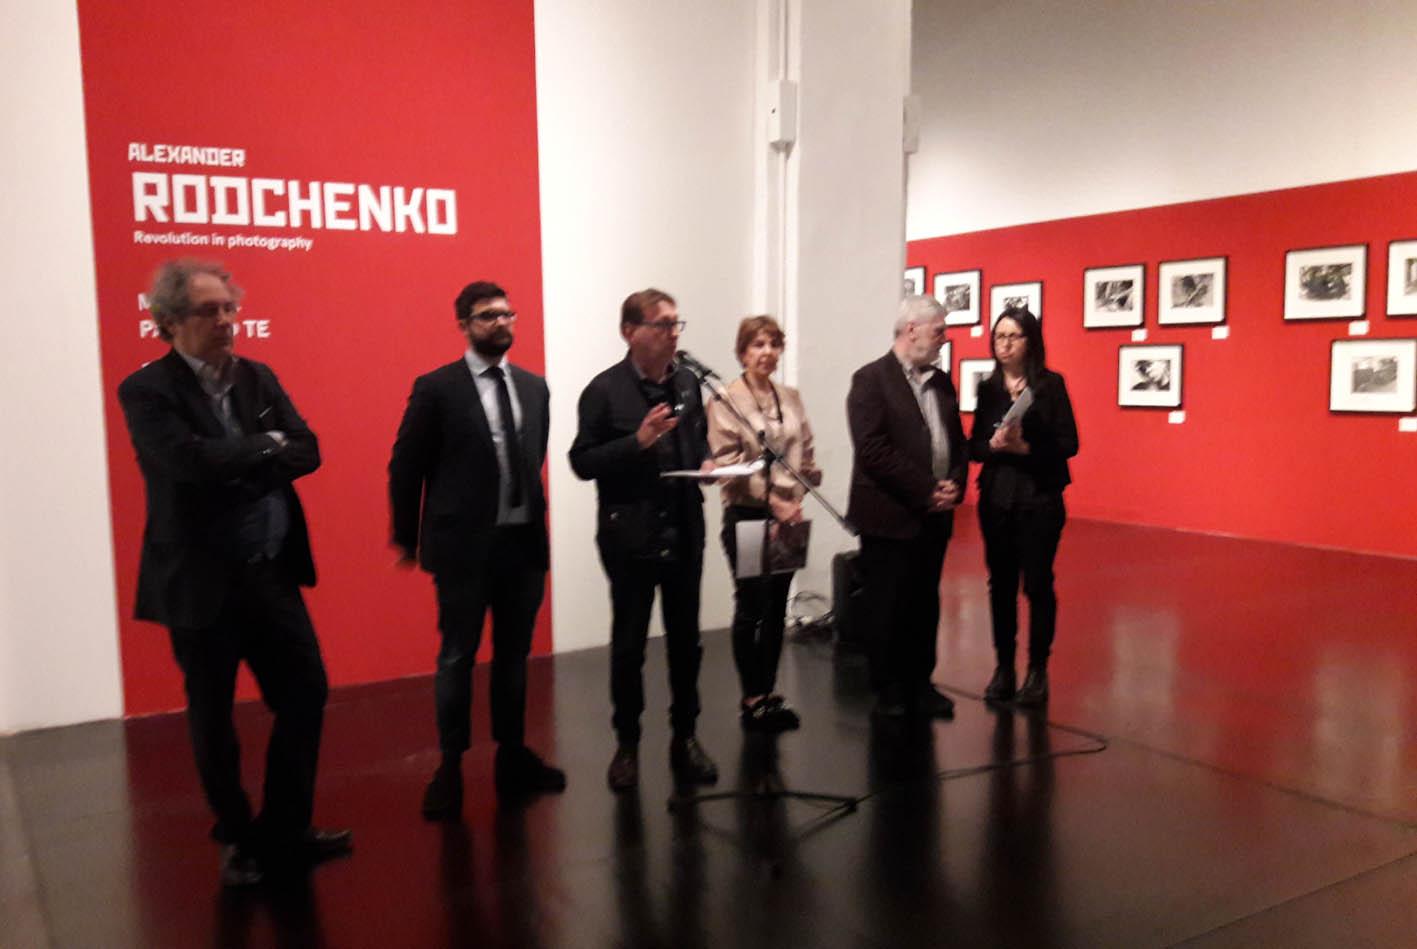 PRESENTAZIONE DELLA MOSTRA - FOTOGRAFIA RIVOLUZIONARIA DI ALEXANDER RODCHENKO